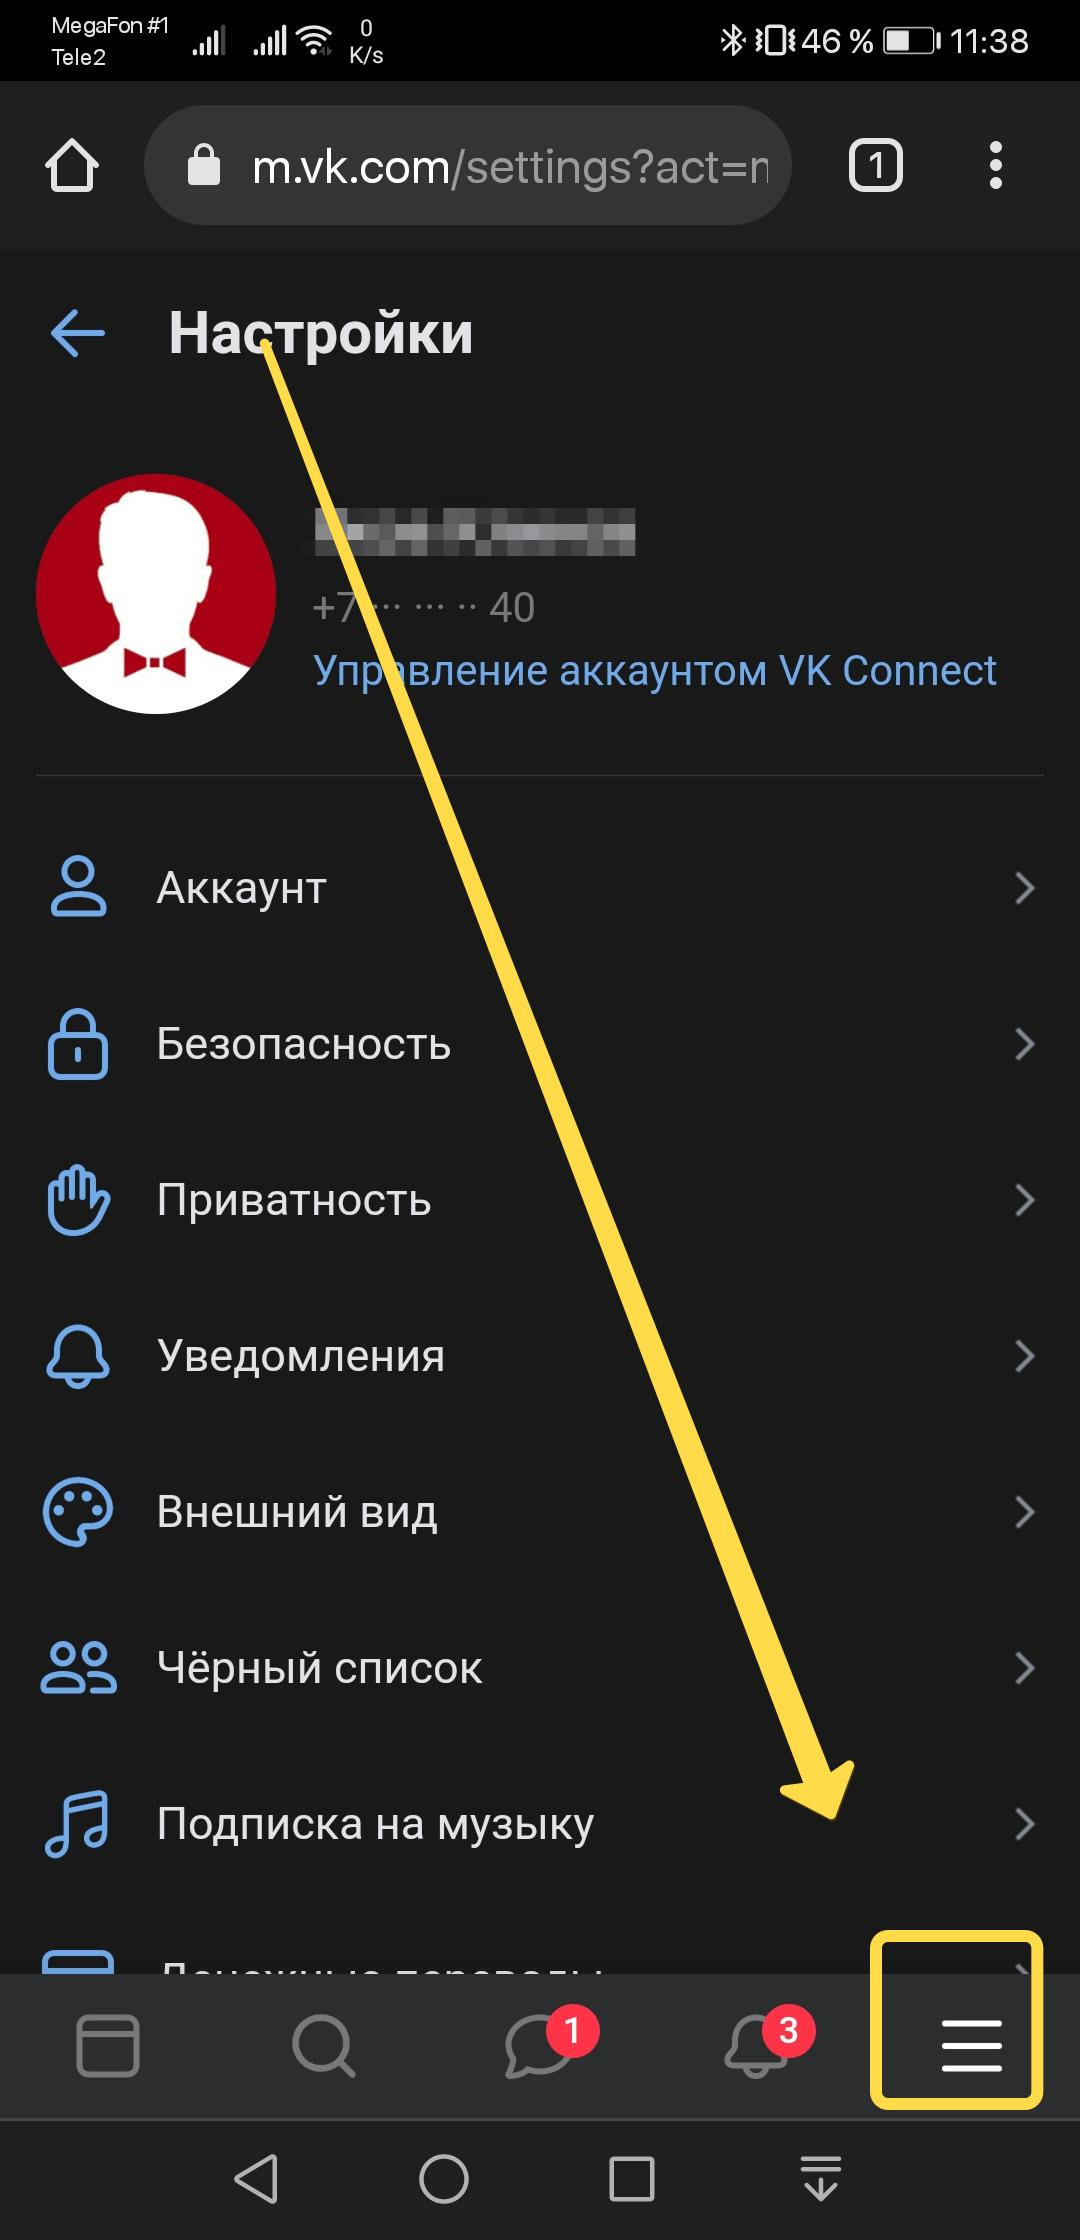 Как удалить учетную запись в ВК (на телефоне или ПК)